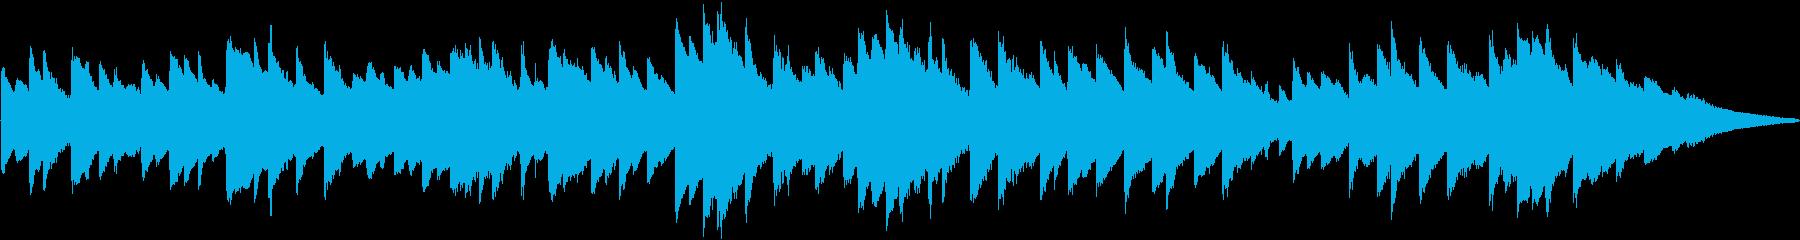 オルゴール曲で、着信音やCMなどに適し…の再生済みの波形